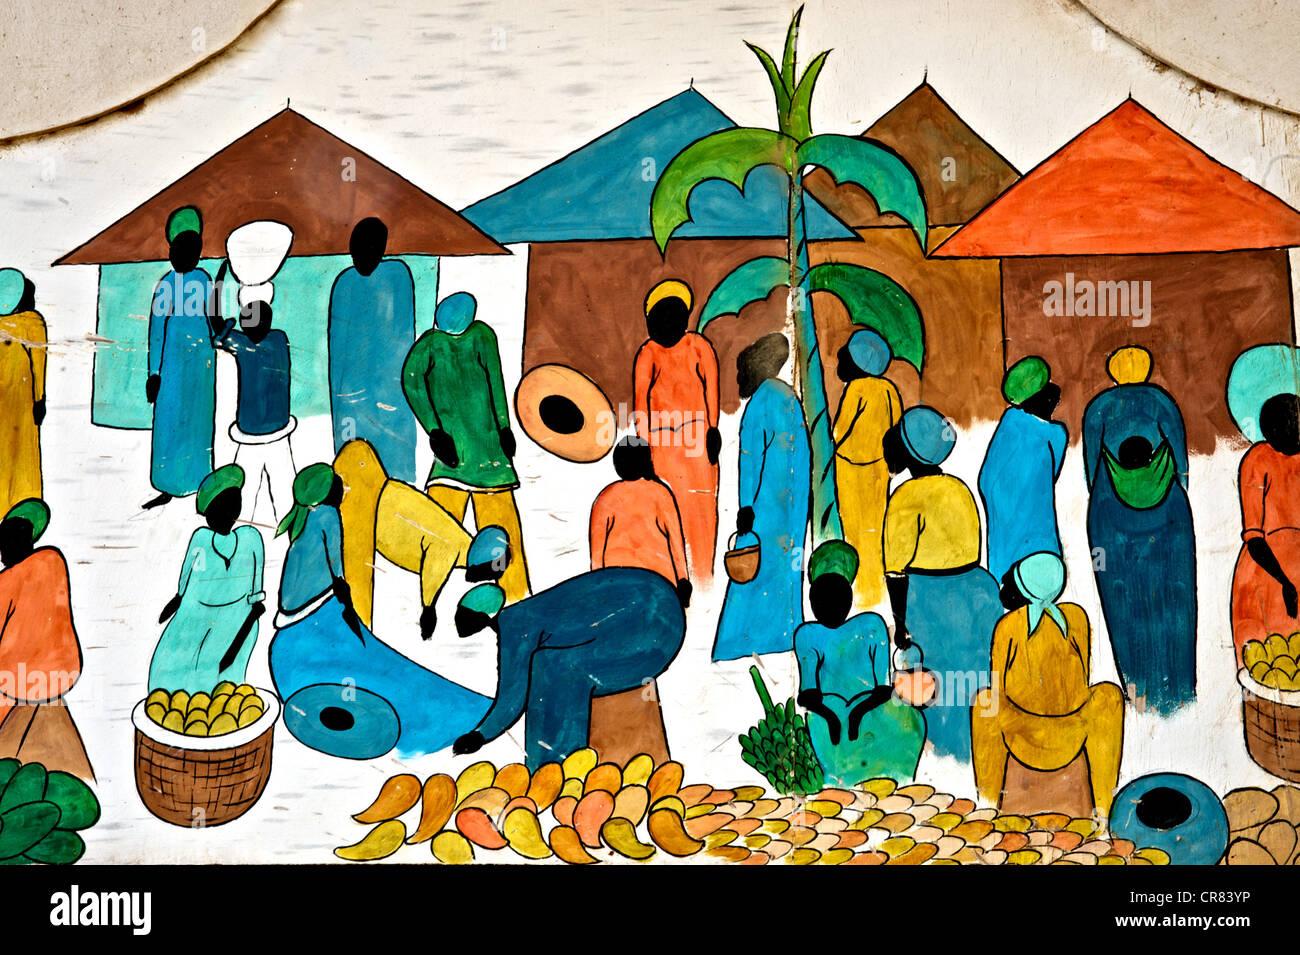 Détail de l'artistique dessin coloré représentant la vie africaine Banque D'Images